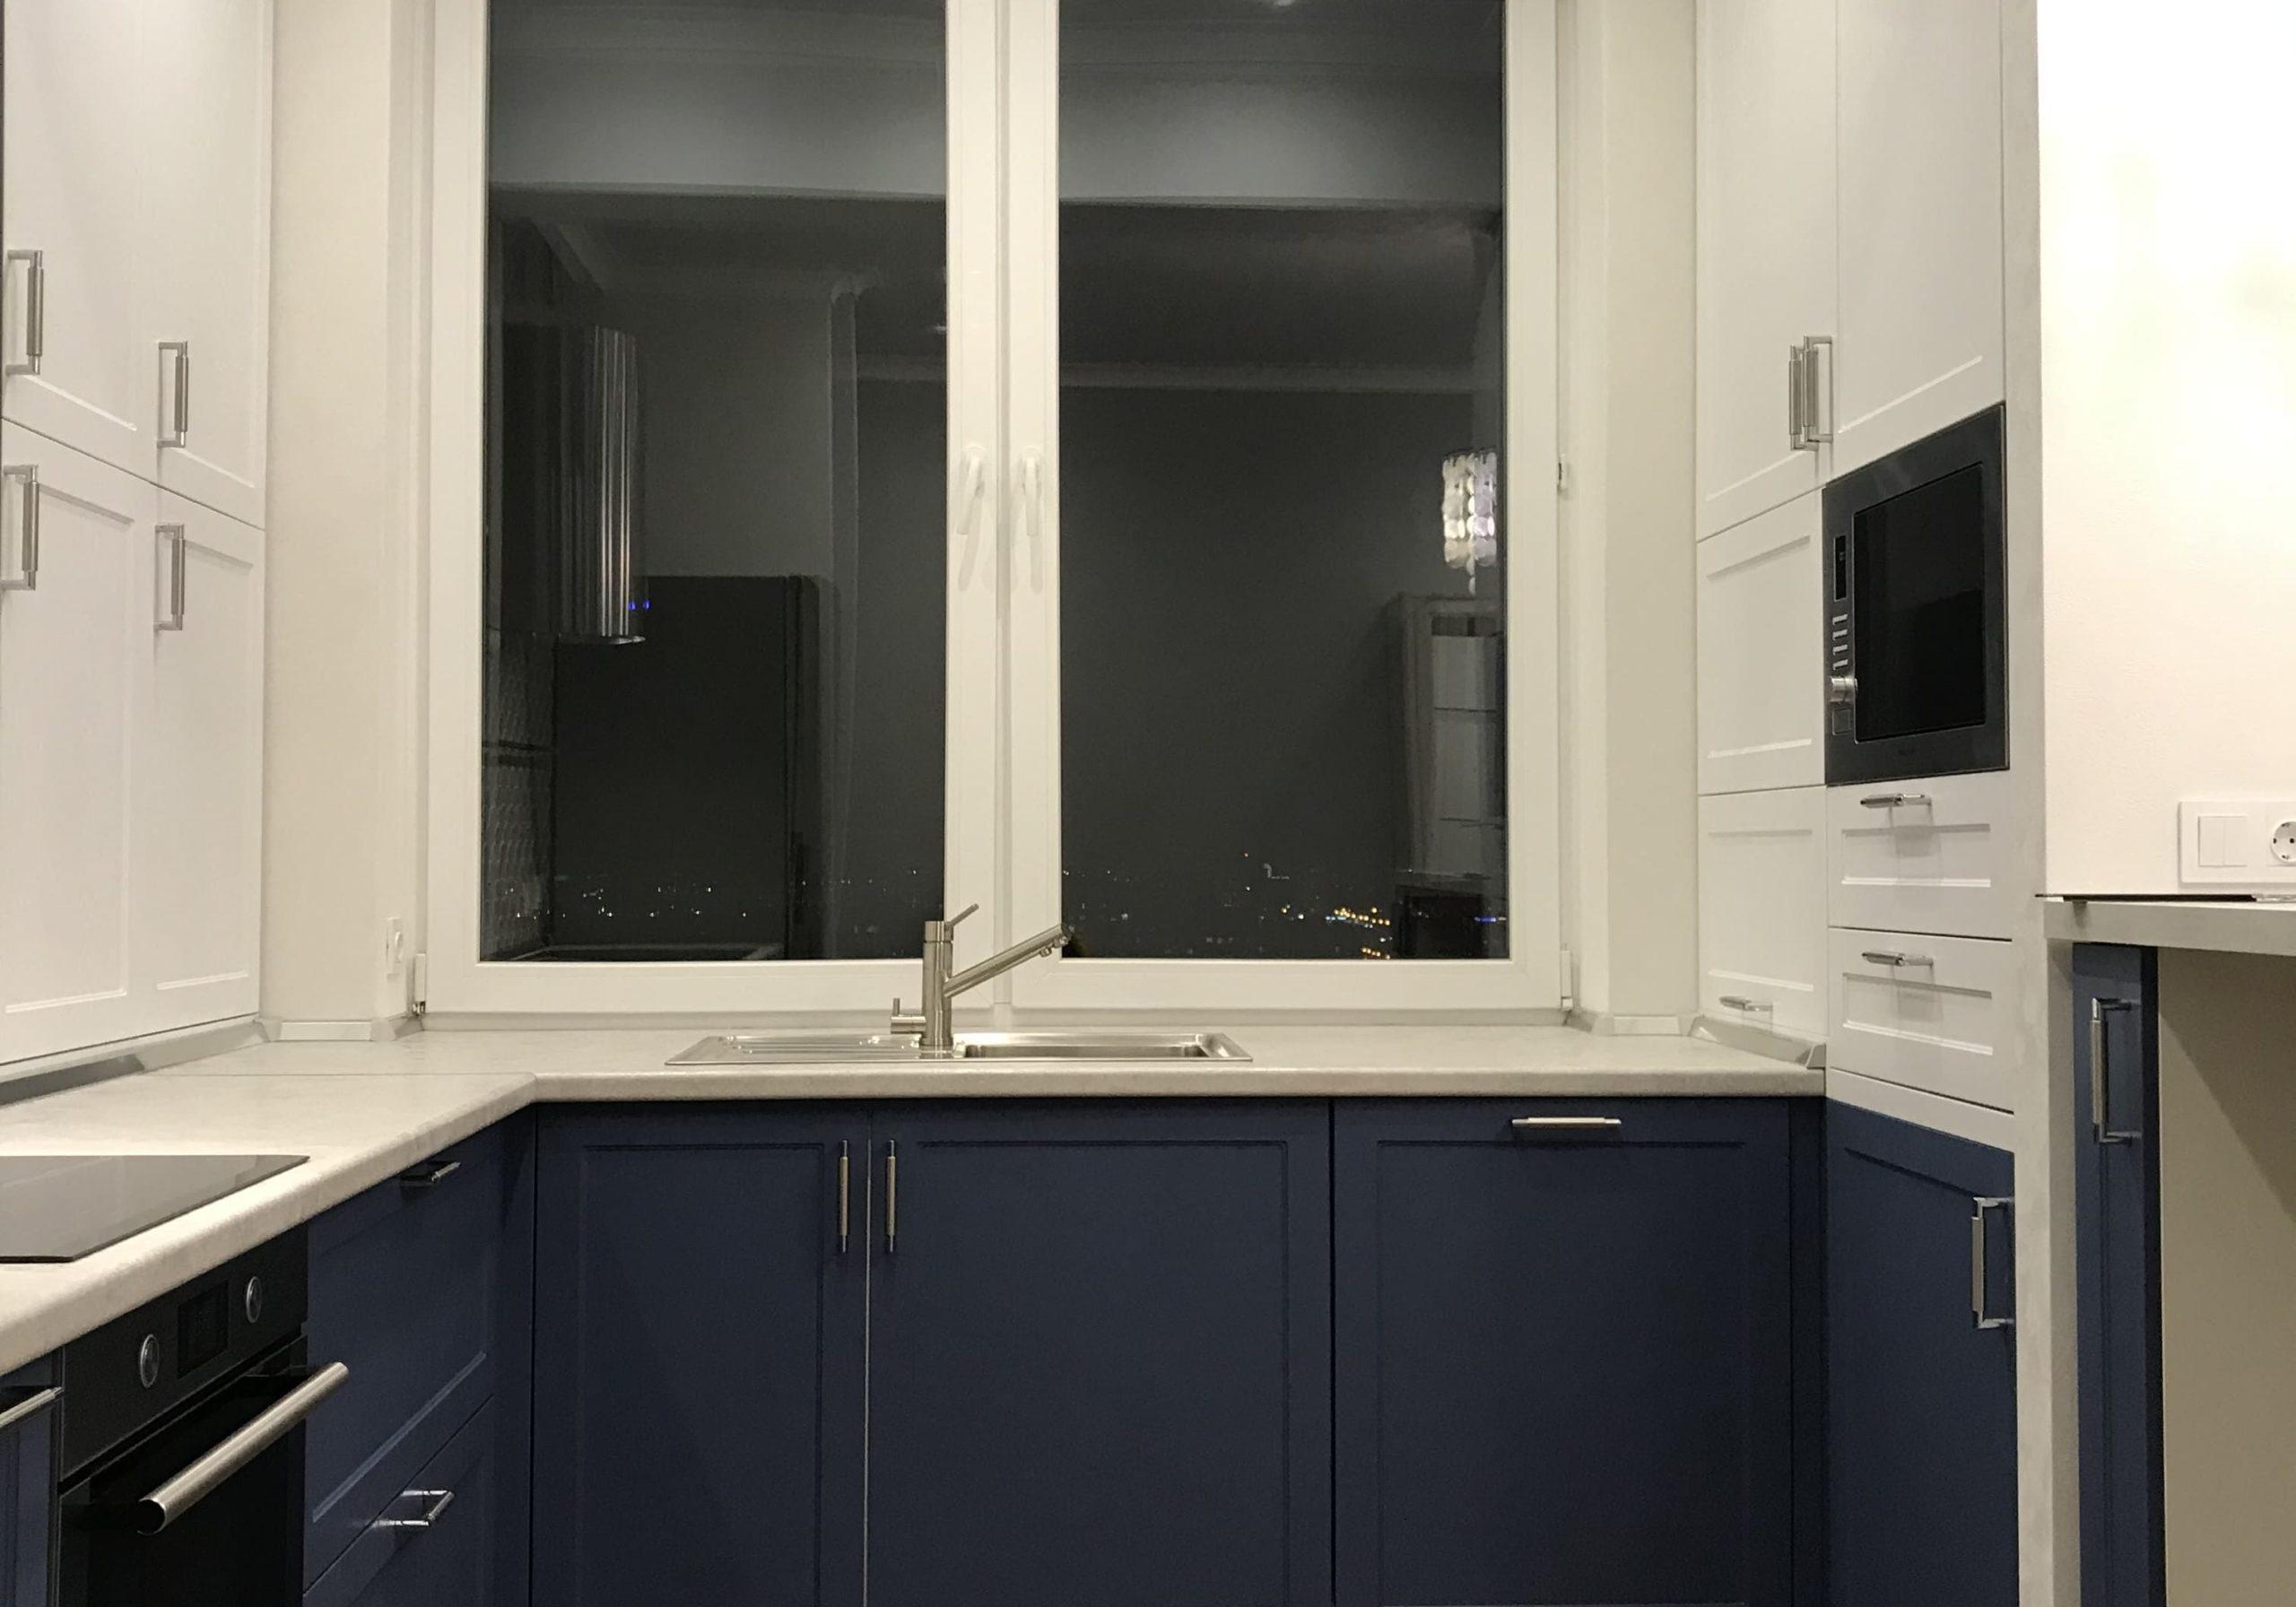 Маленькая п-образная сине-белая кухня под окно, матовая, модерн